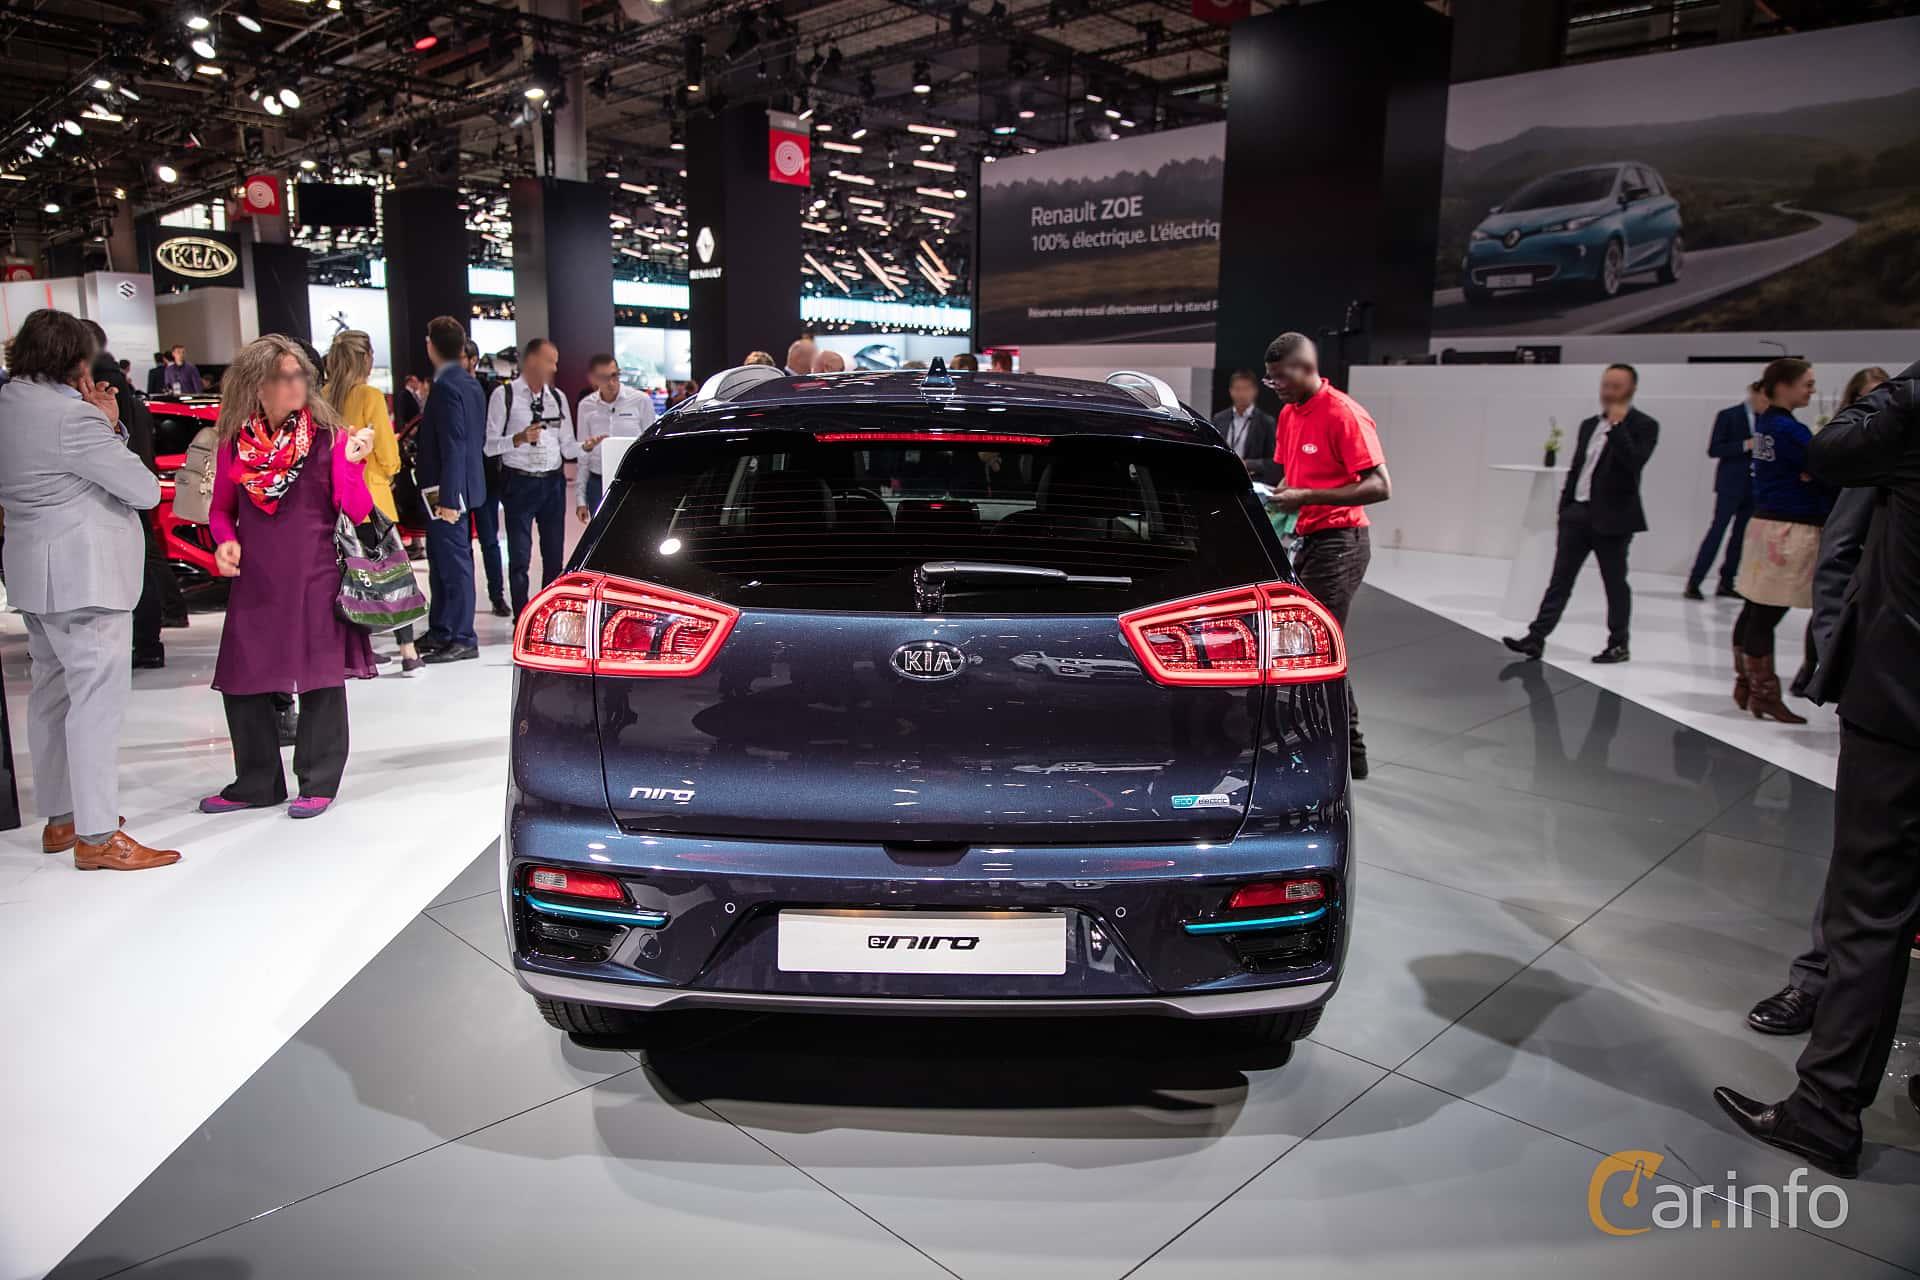 Kia e-Niro 64 kWh Single Speed, 204hp, 2019 at Paris Motor Show 2018